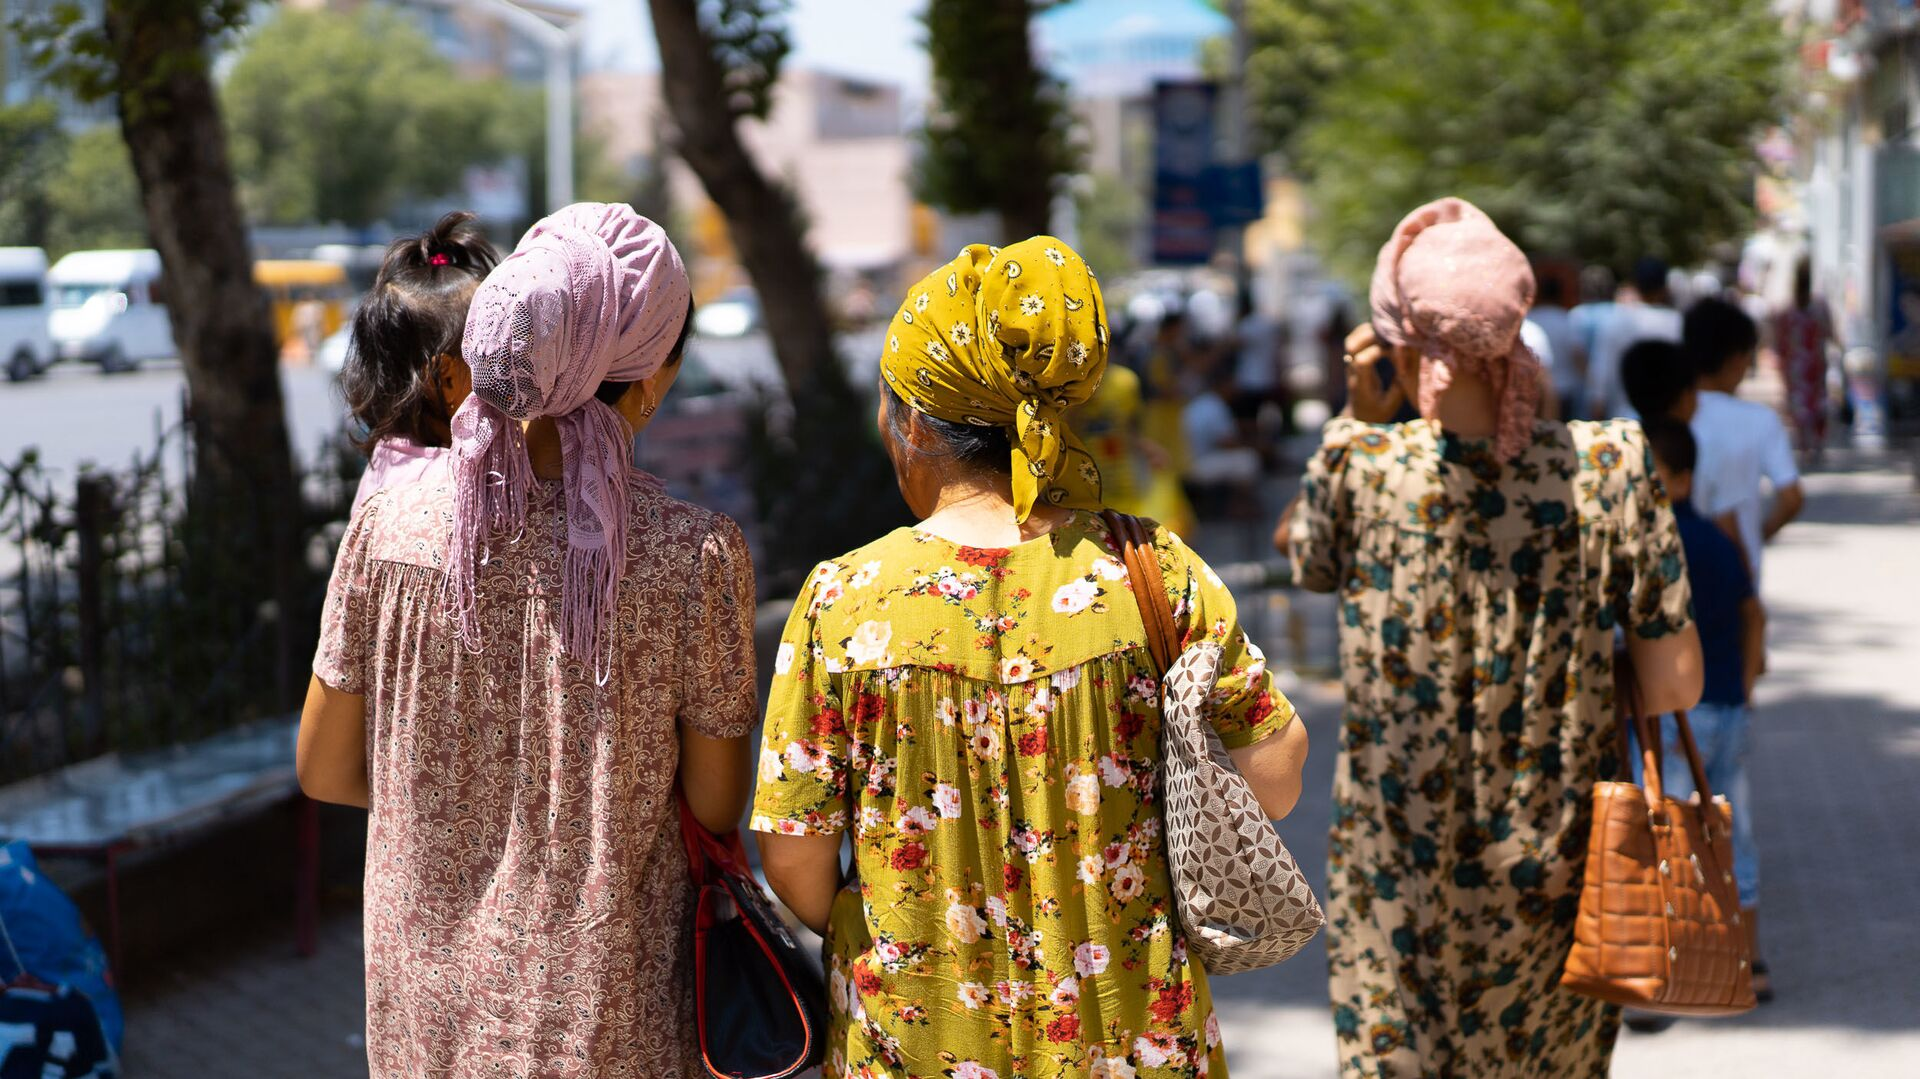 Таджикские женщины на улице - Sputnik Тоҷикистон, 1920, 23.07.2021